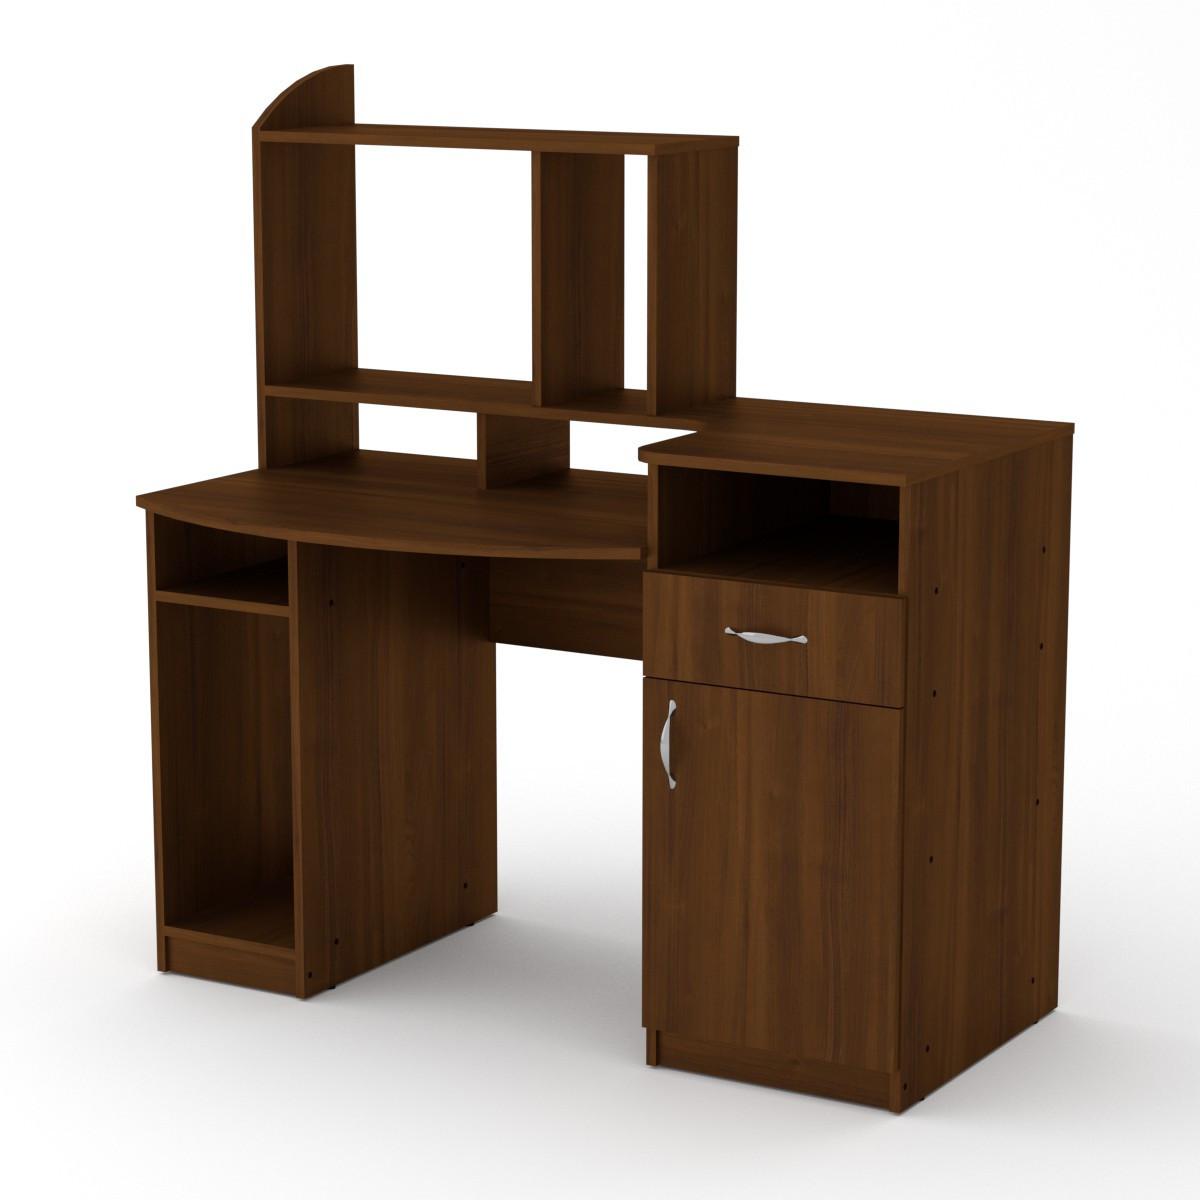 Стол компьютерный комфорт-2 Компанит Орех экко